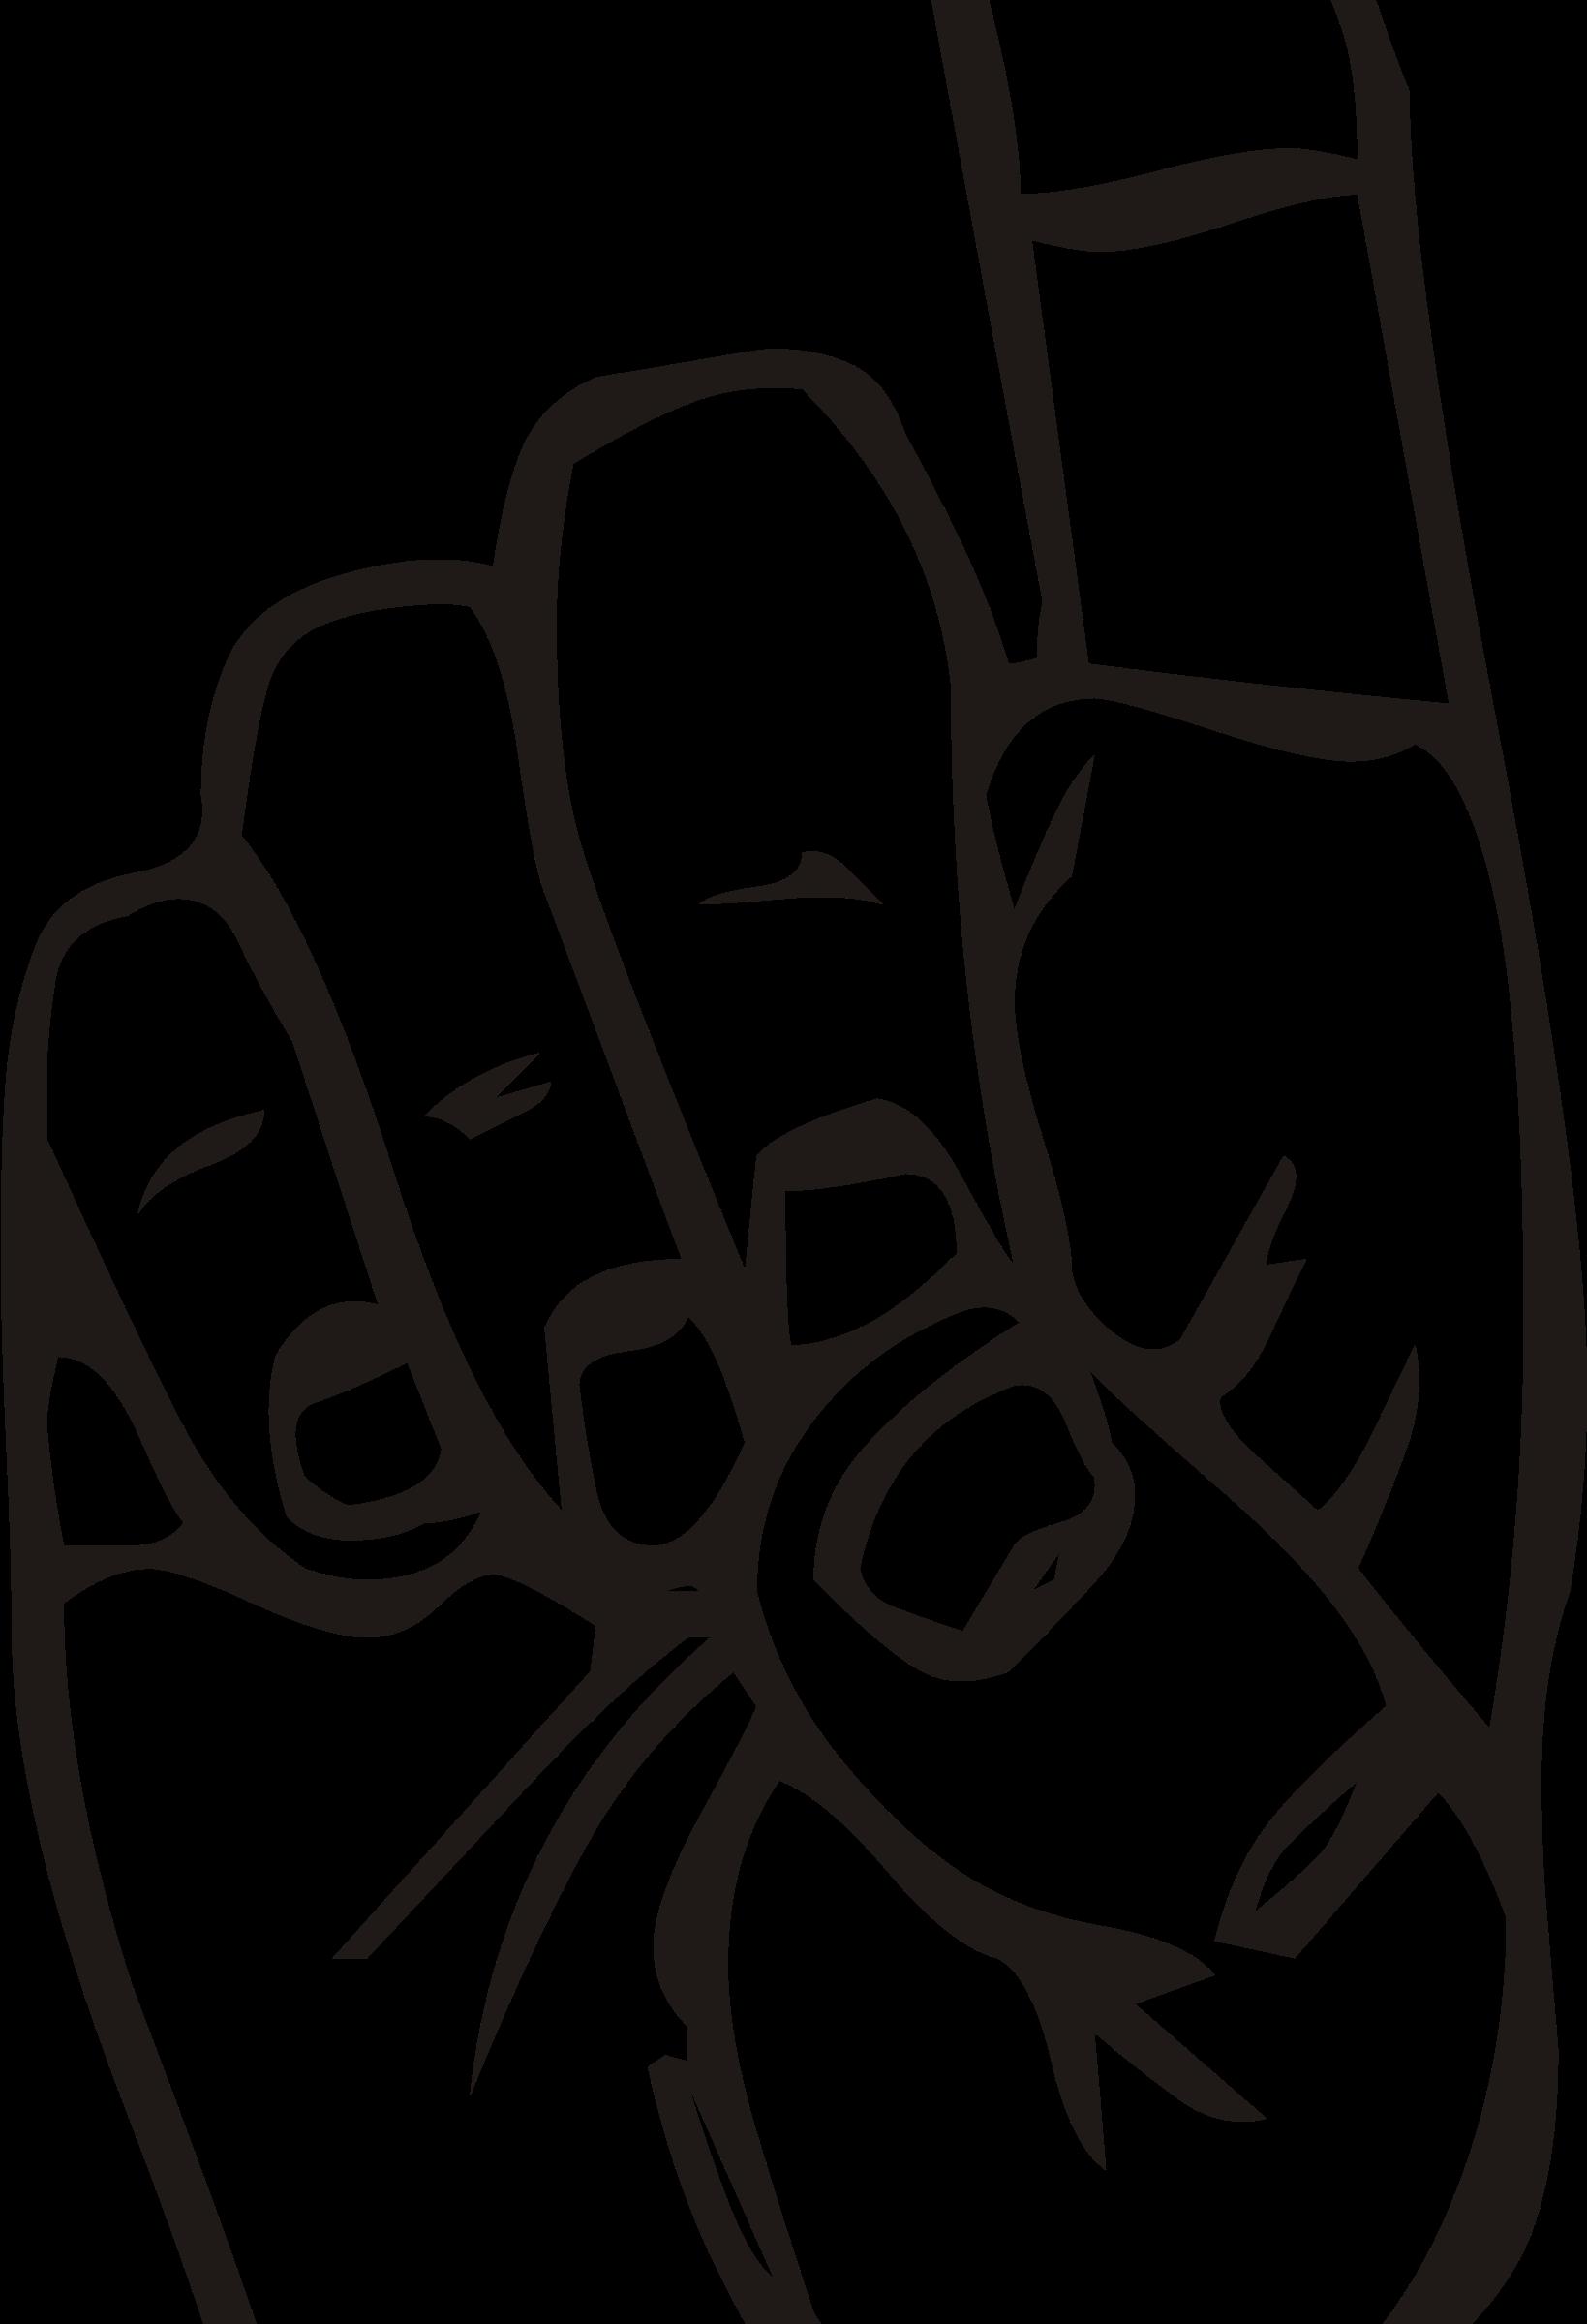 Fist clipart sign language, Fist sign language Transparent.